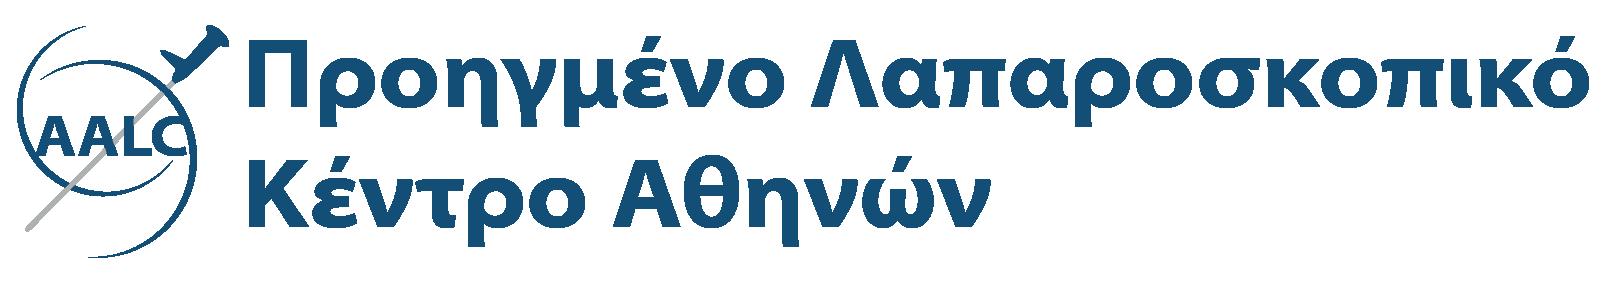 Προηγμένο Λαπαροσκοπικό Κέντρο Αθηνών